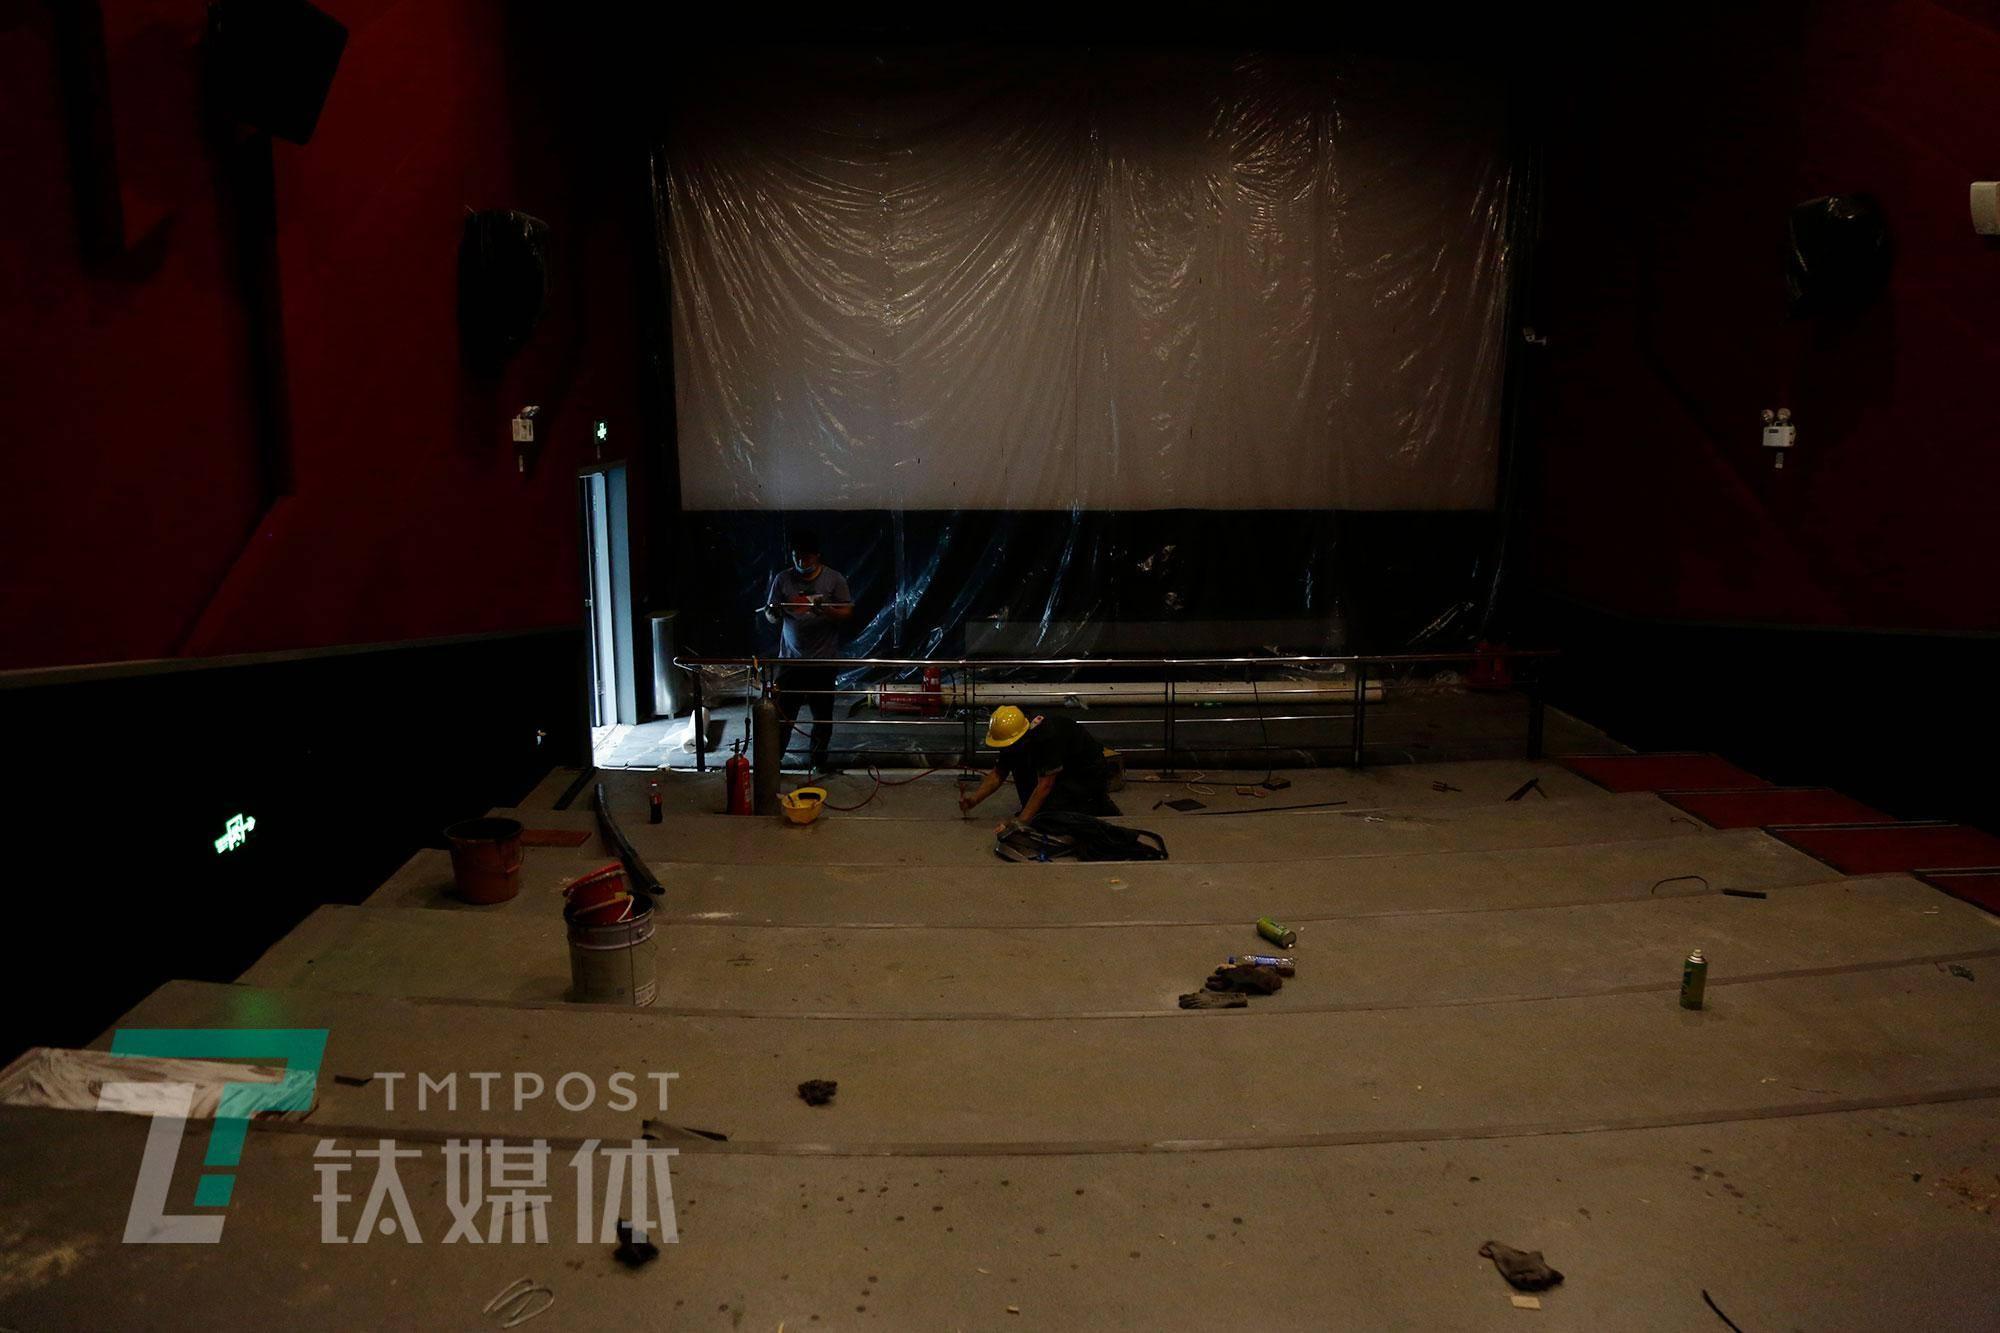 一家影院的暂停和重启| 钛媒体影像《在线》